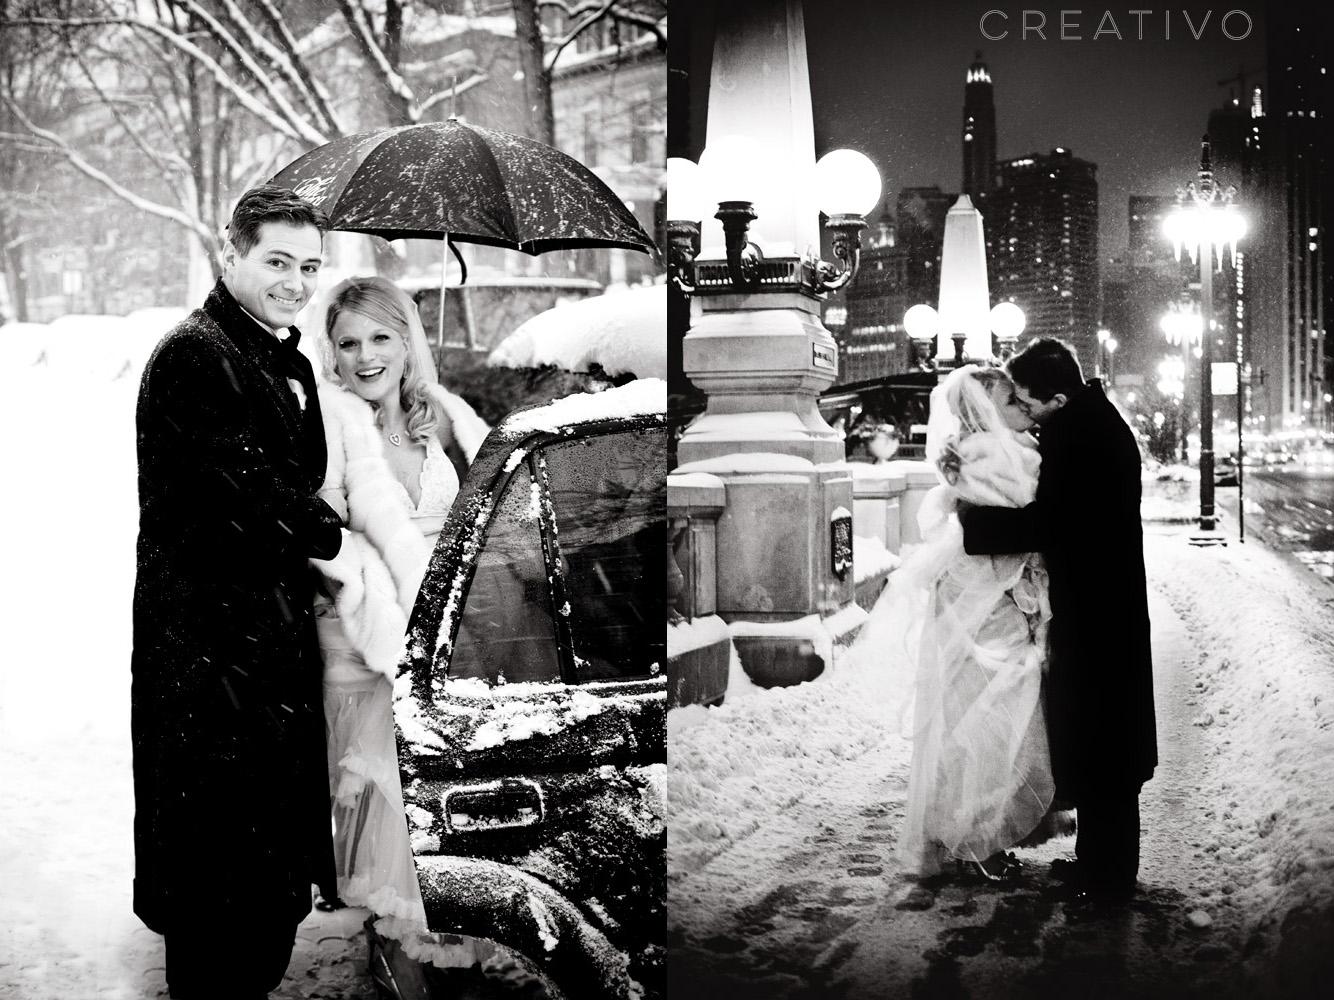 marjoriemike-winter-wedding.jpg